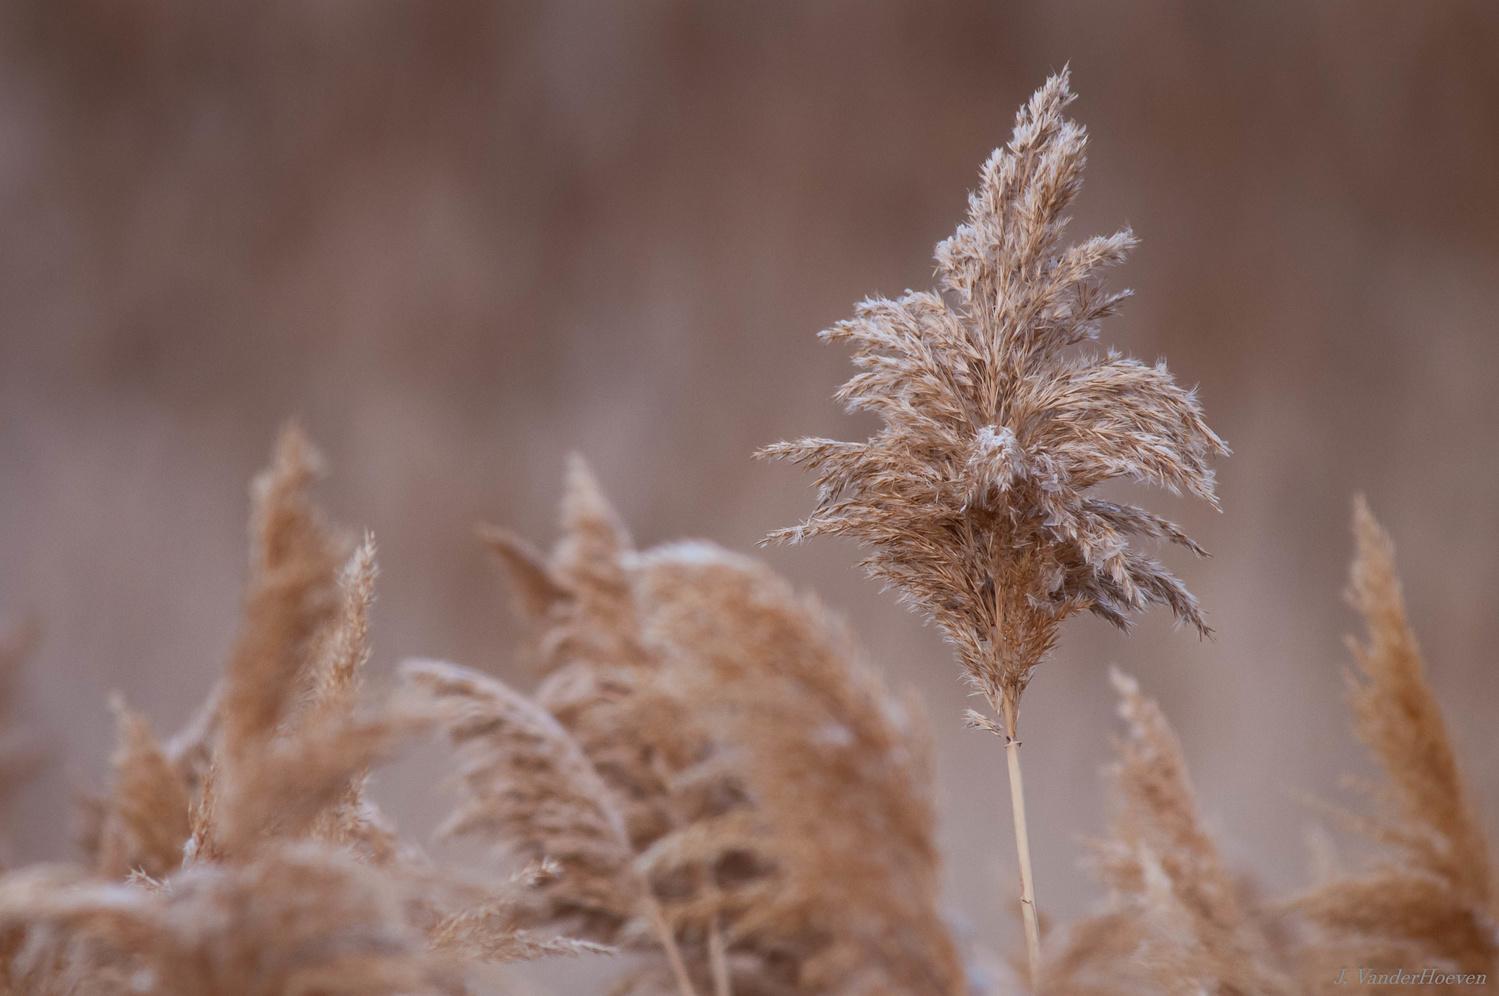 Wetland Grasses by Jake VanderHoeven